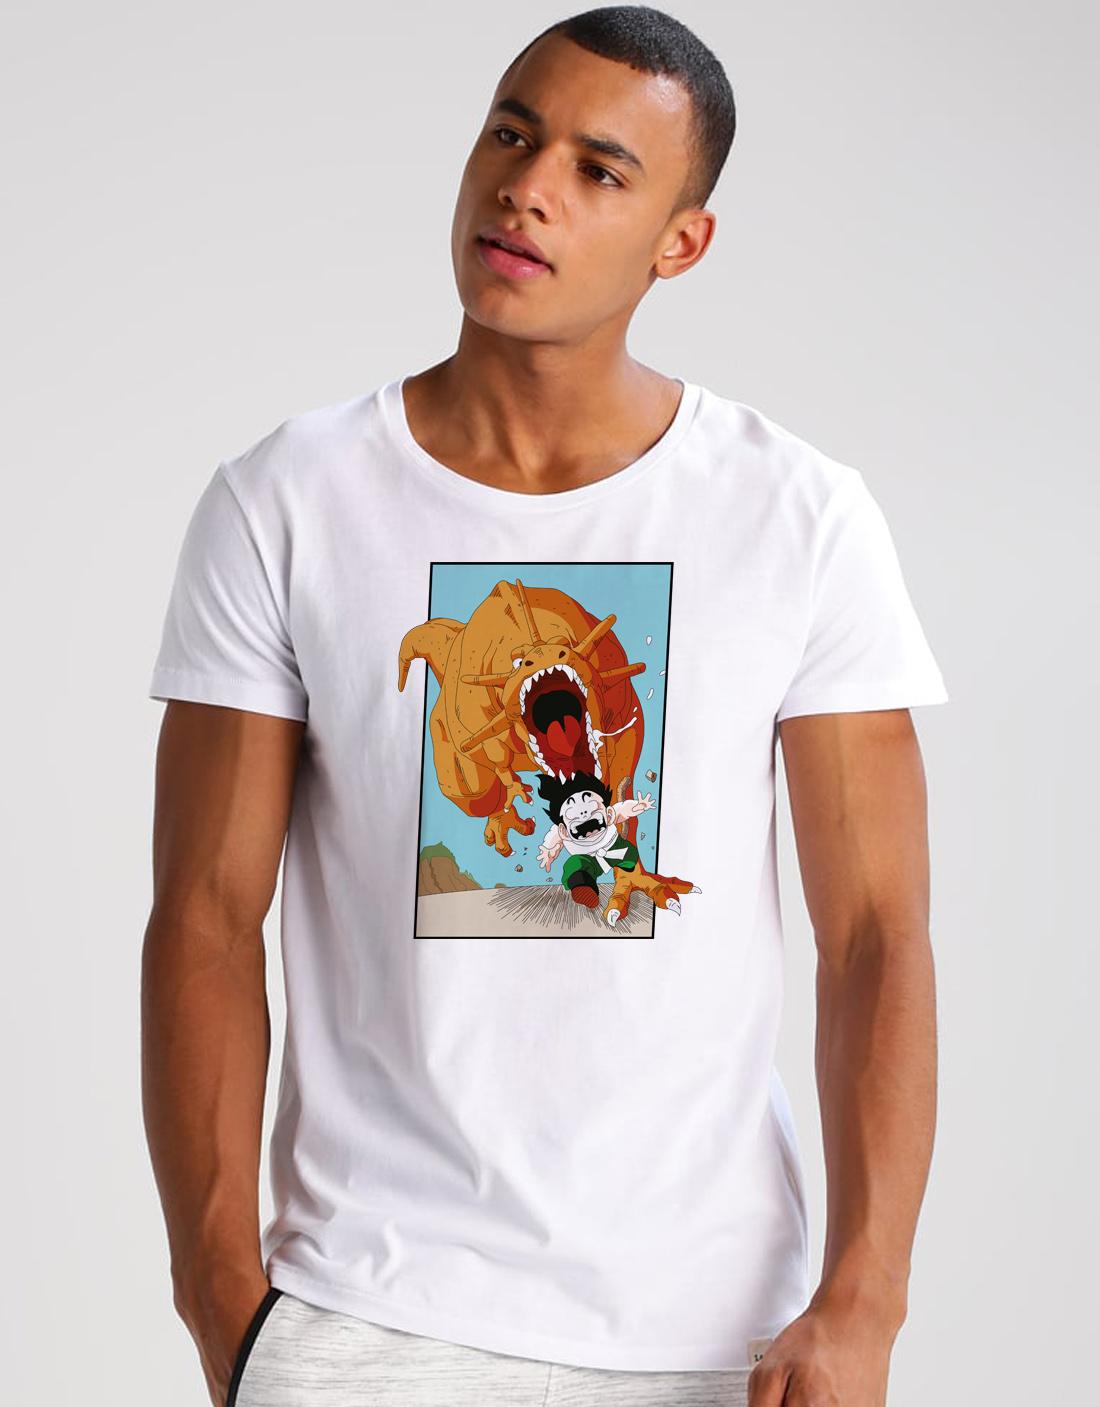 Diseño camiseta personalizada Goku